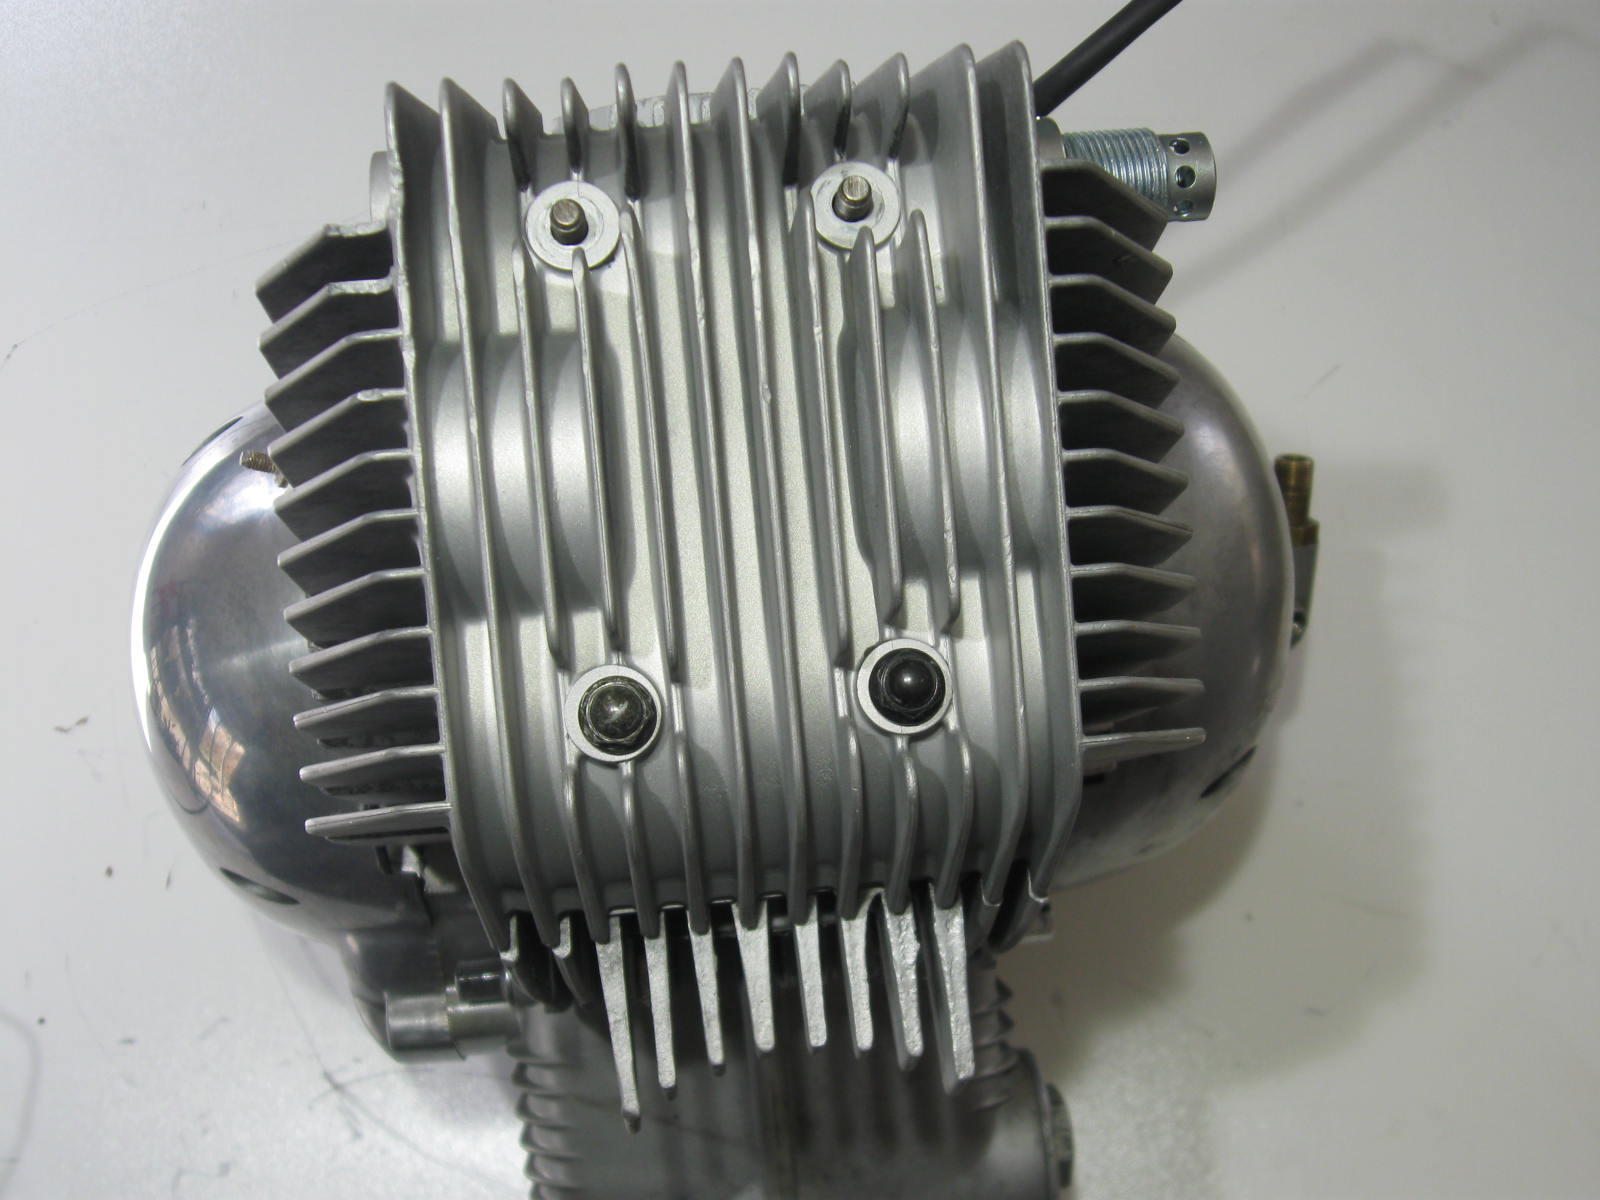 '73 250 SuperSport motor availble-img_1772.jpg